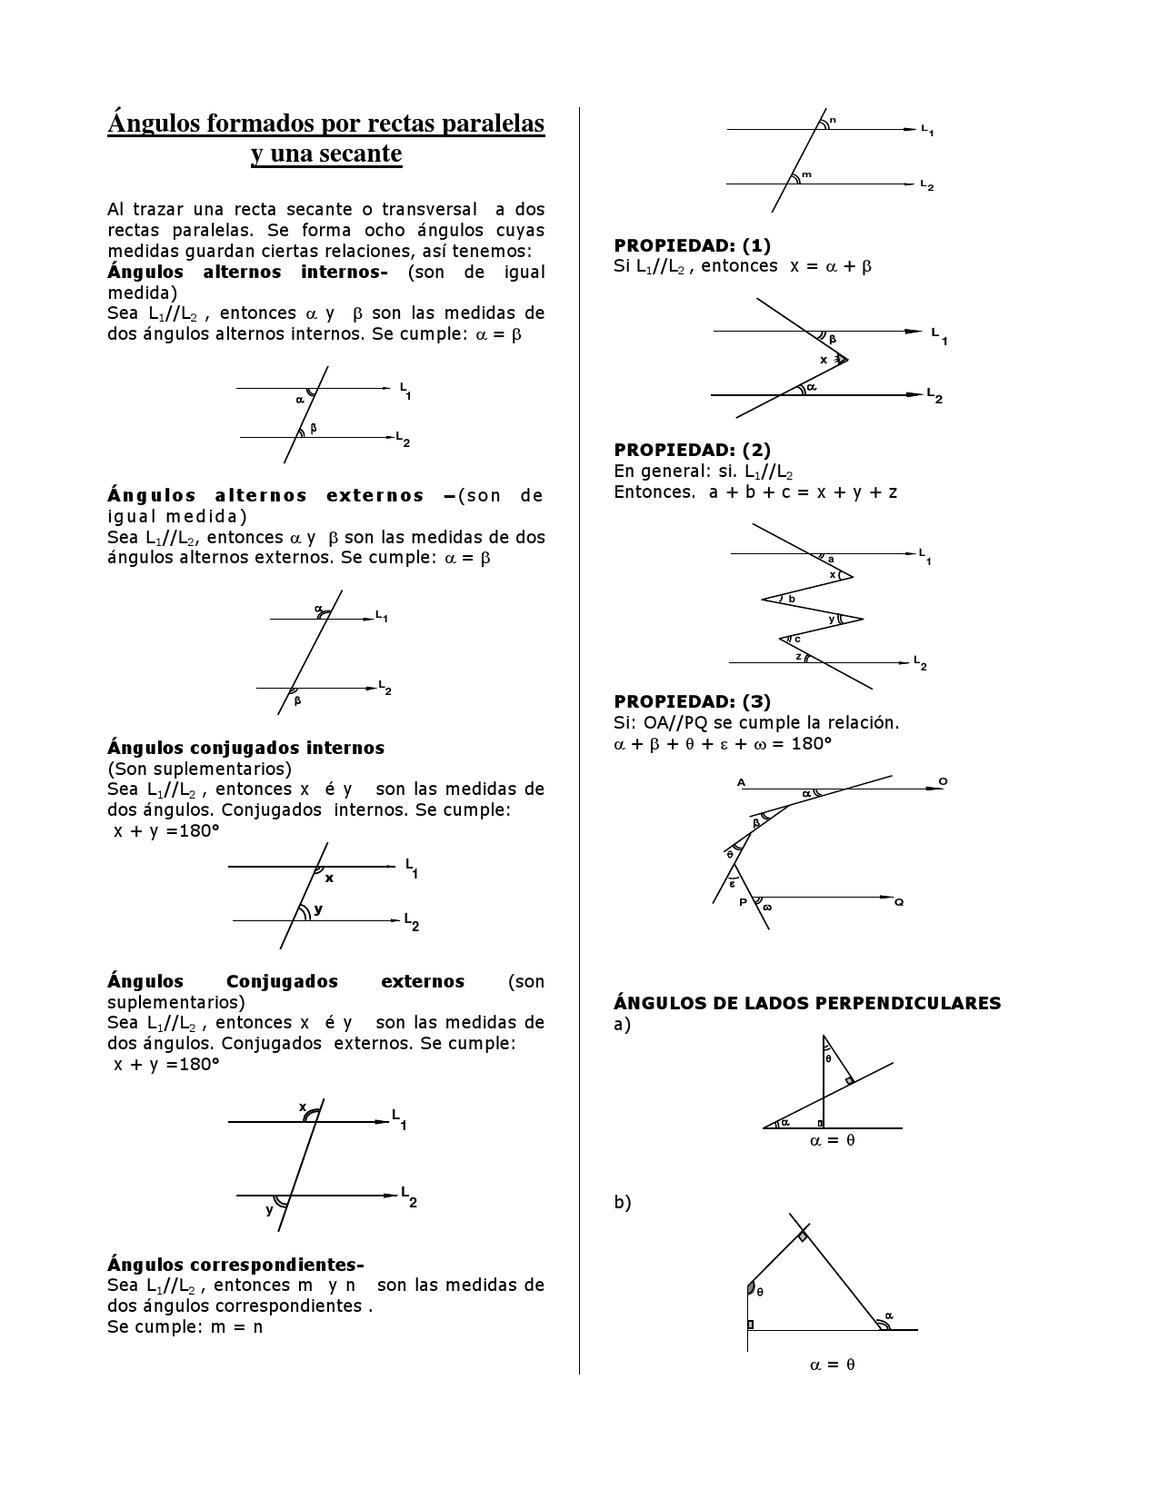 Ngulos Formados Por Rectas Paralelas Y Una Secante By